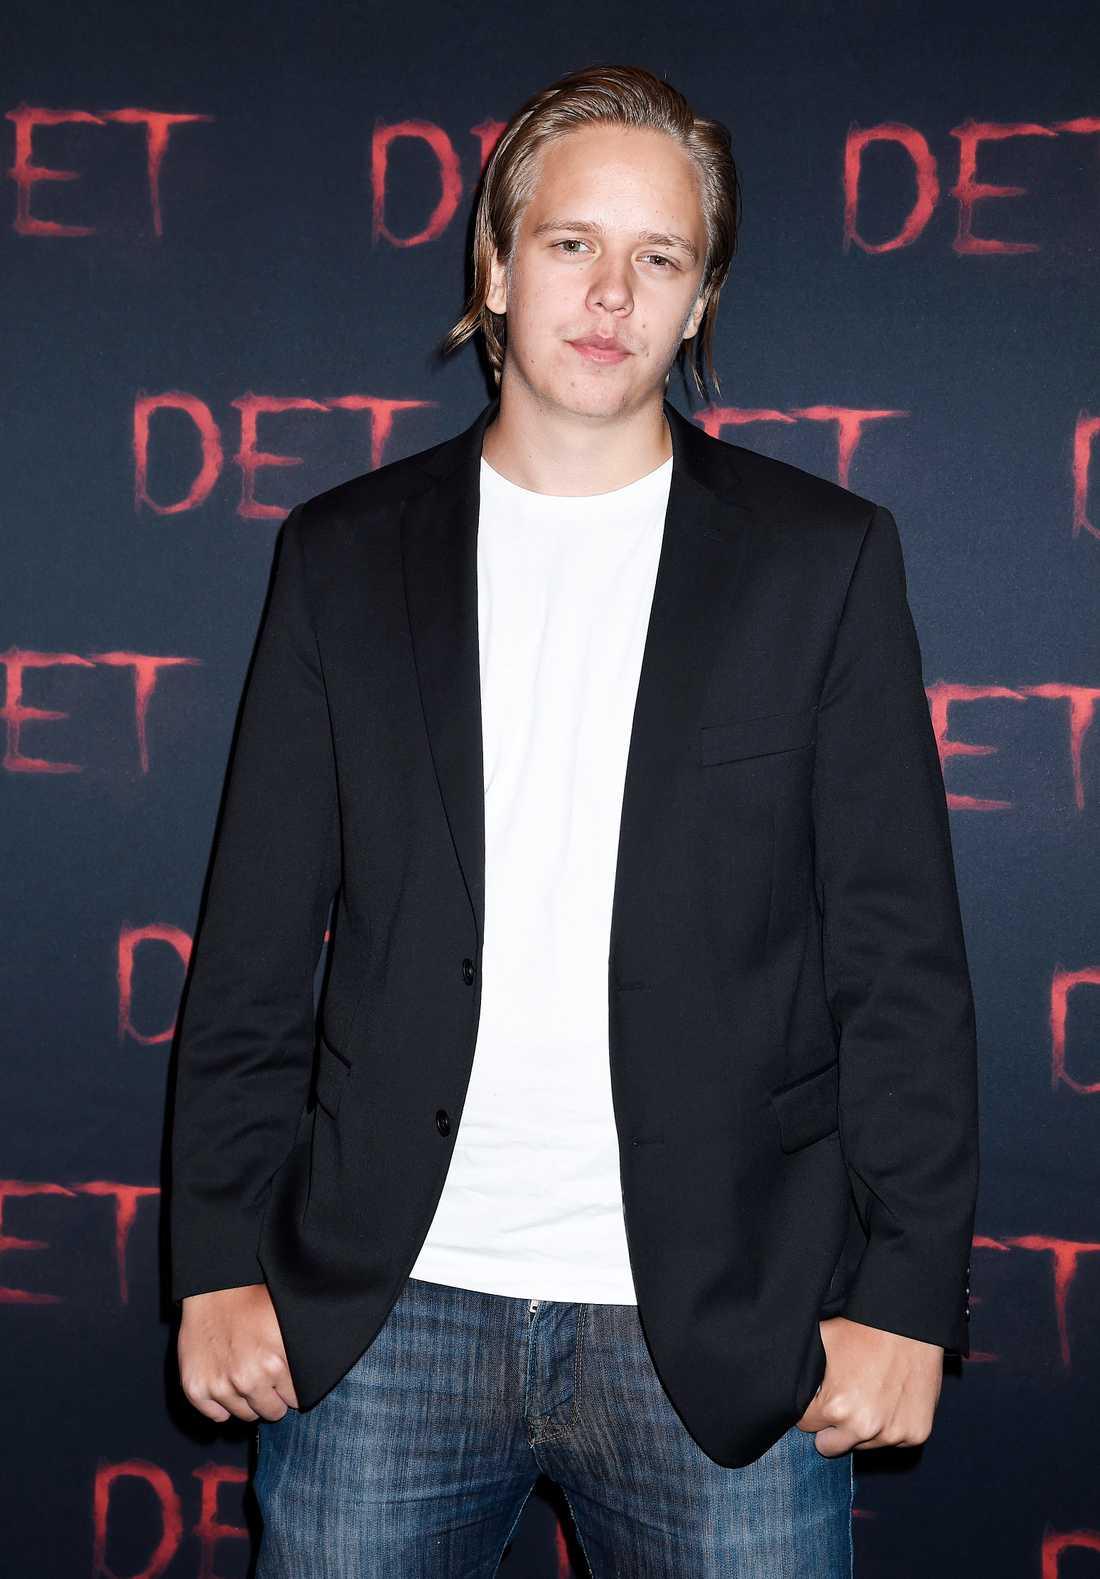 """Valter Skarsgård kom för att se storebror Bill i rollen som skräckclownen Pennywise i Stephen King-filmen """"Det""""."""